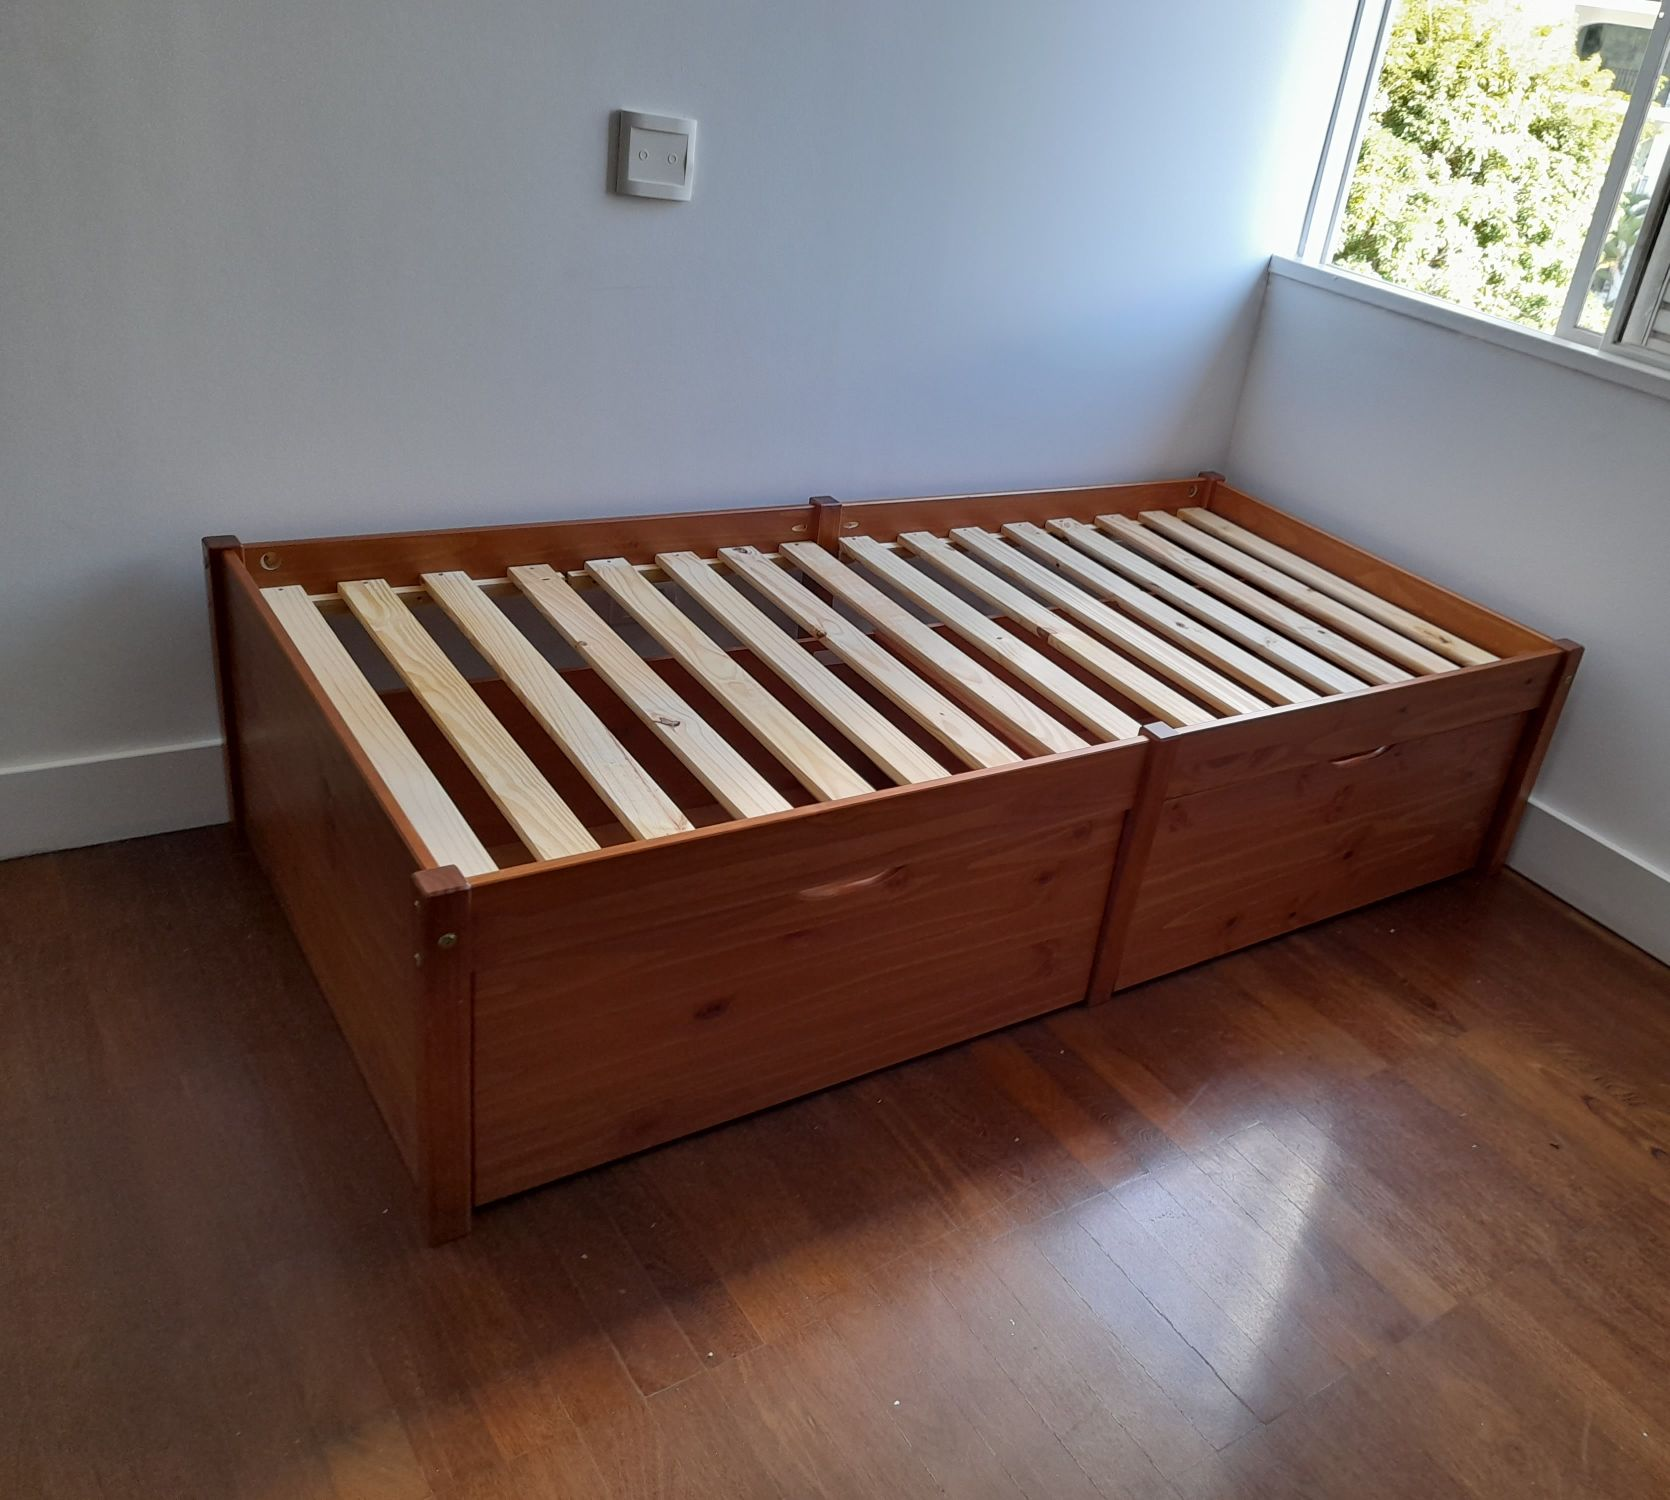 cama com gavetas